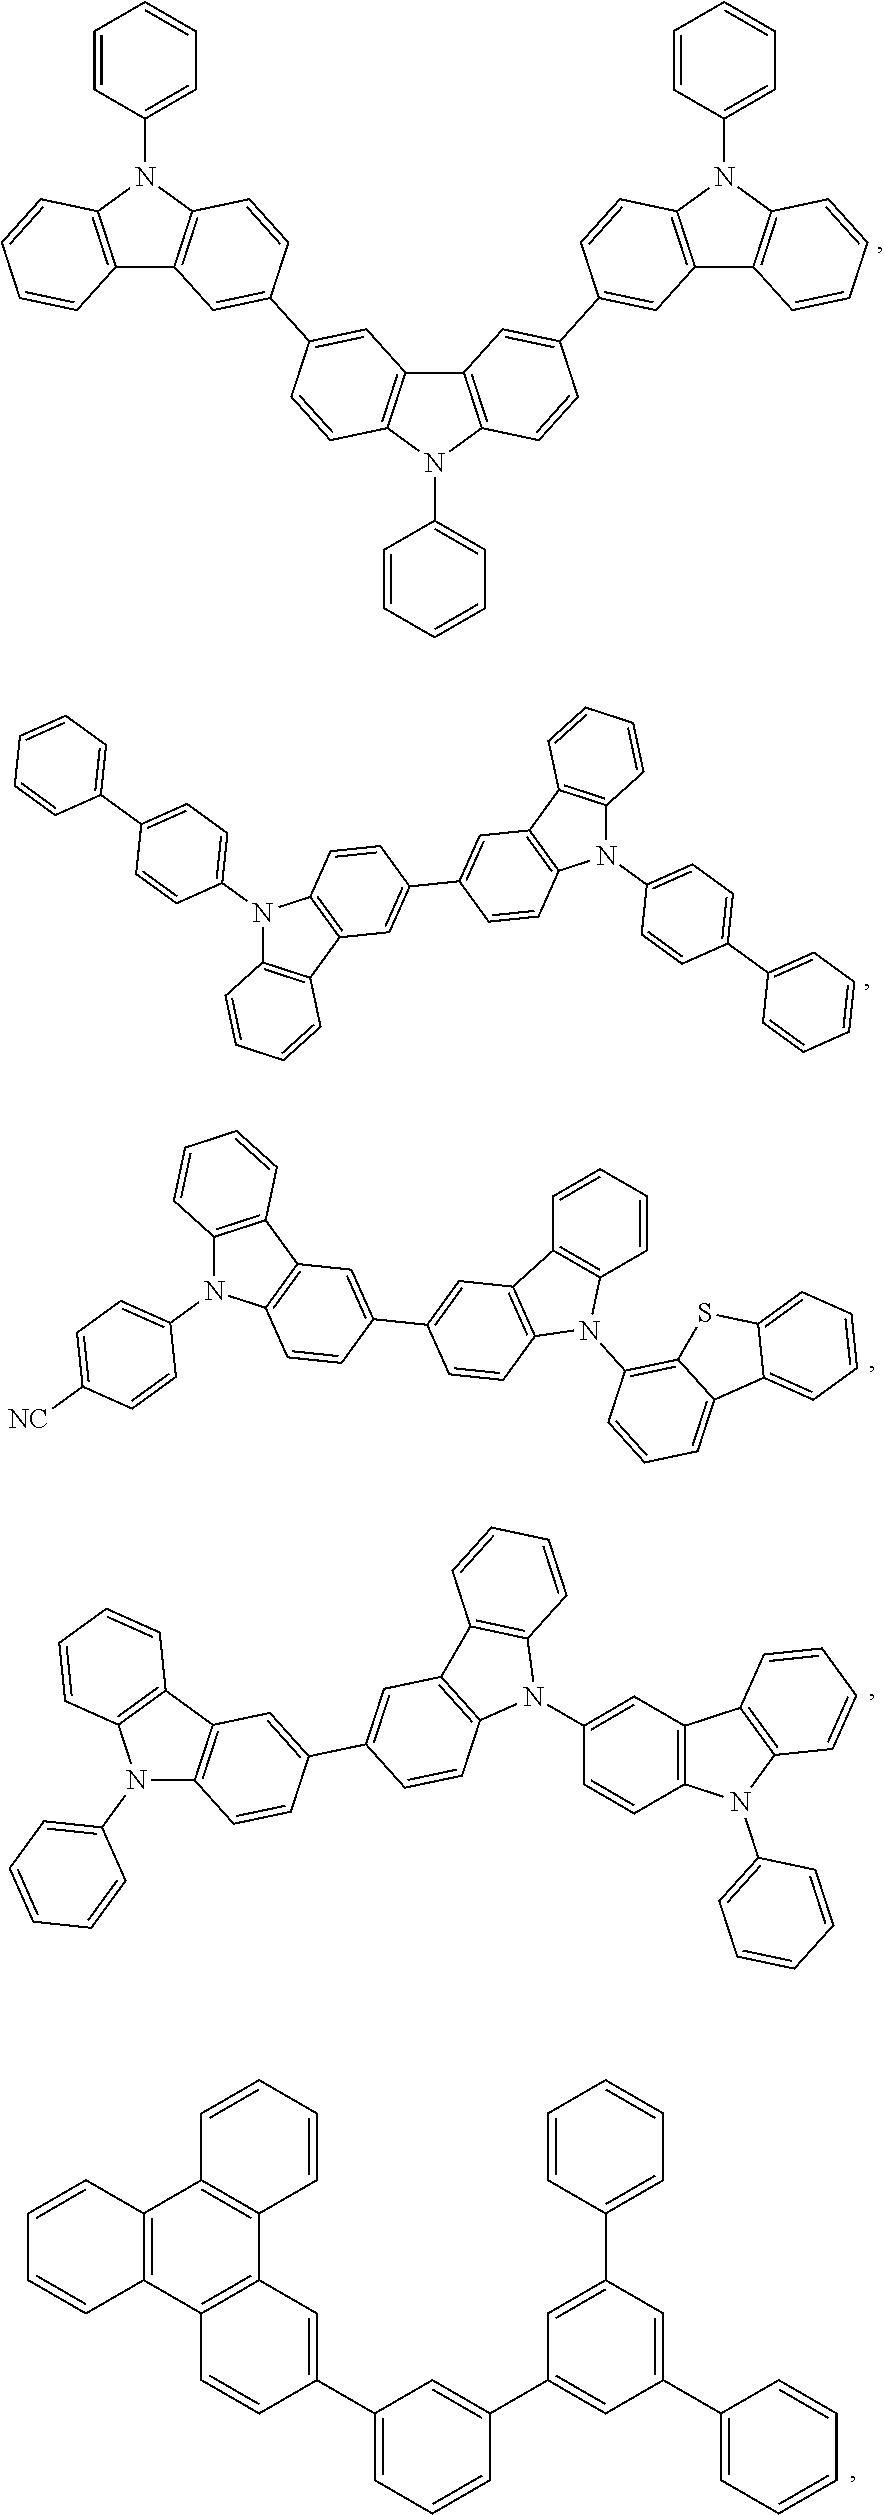 Figure US20190161504A1-20190530-C00123